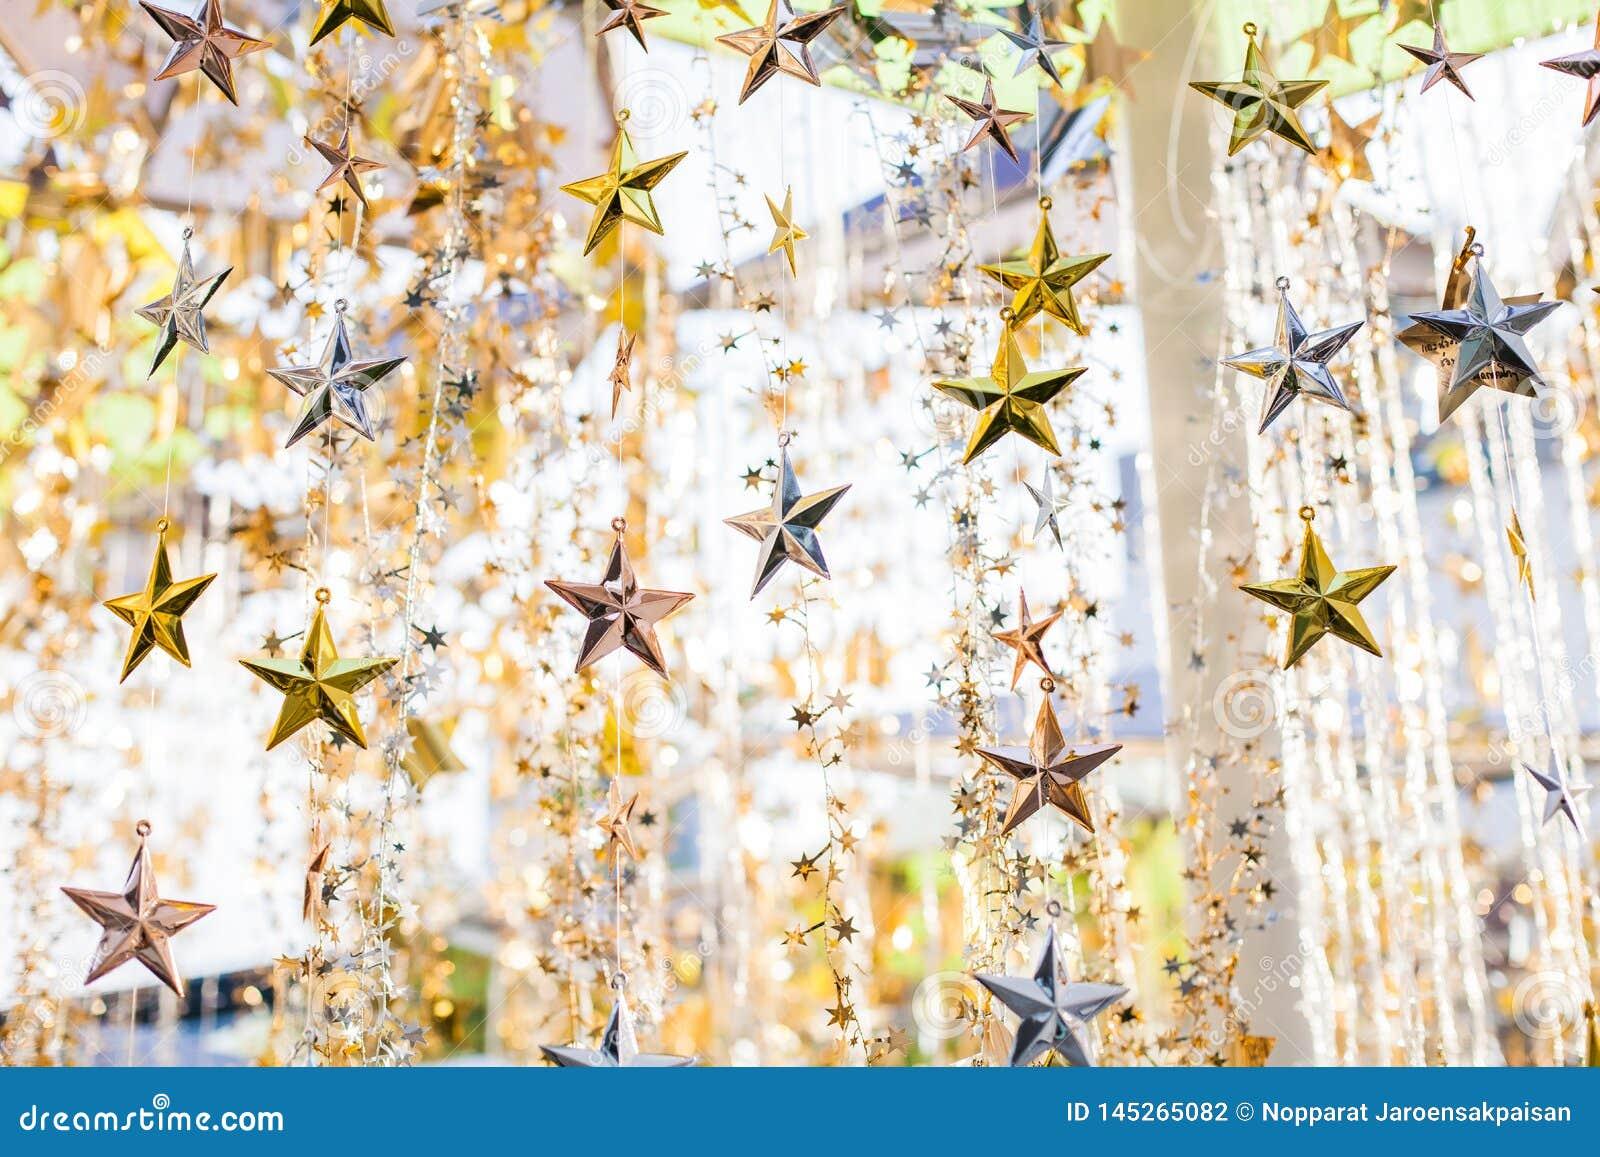 Текстура звезды яркого блеска, сияющая предпосылка звезды